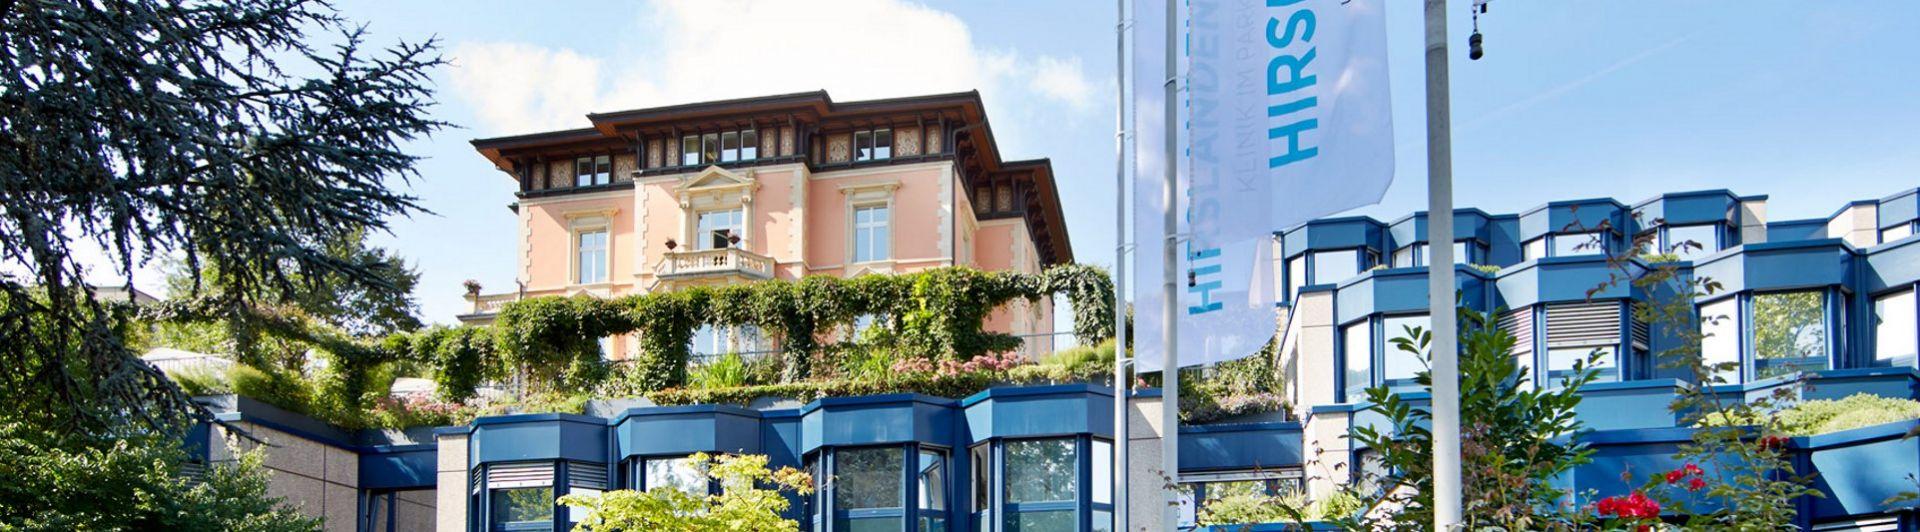 Hirslanden Klinik Im Park, Zürich